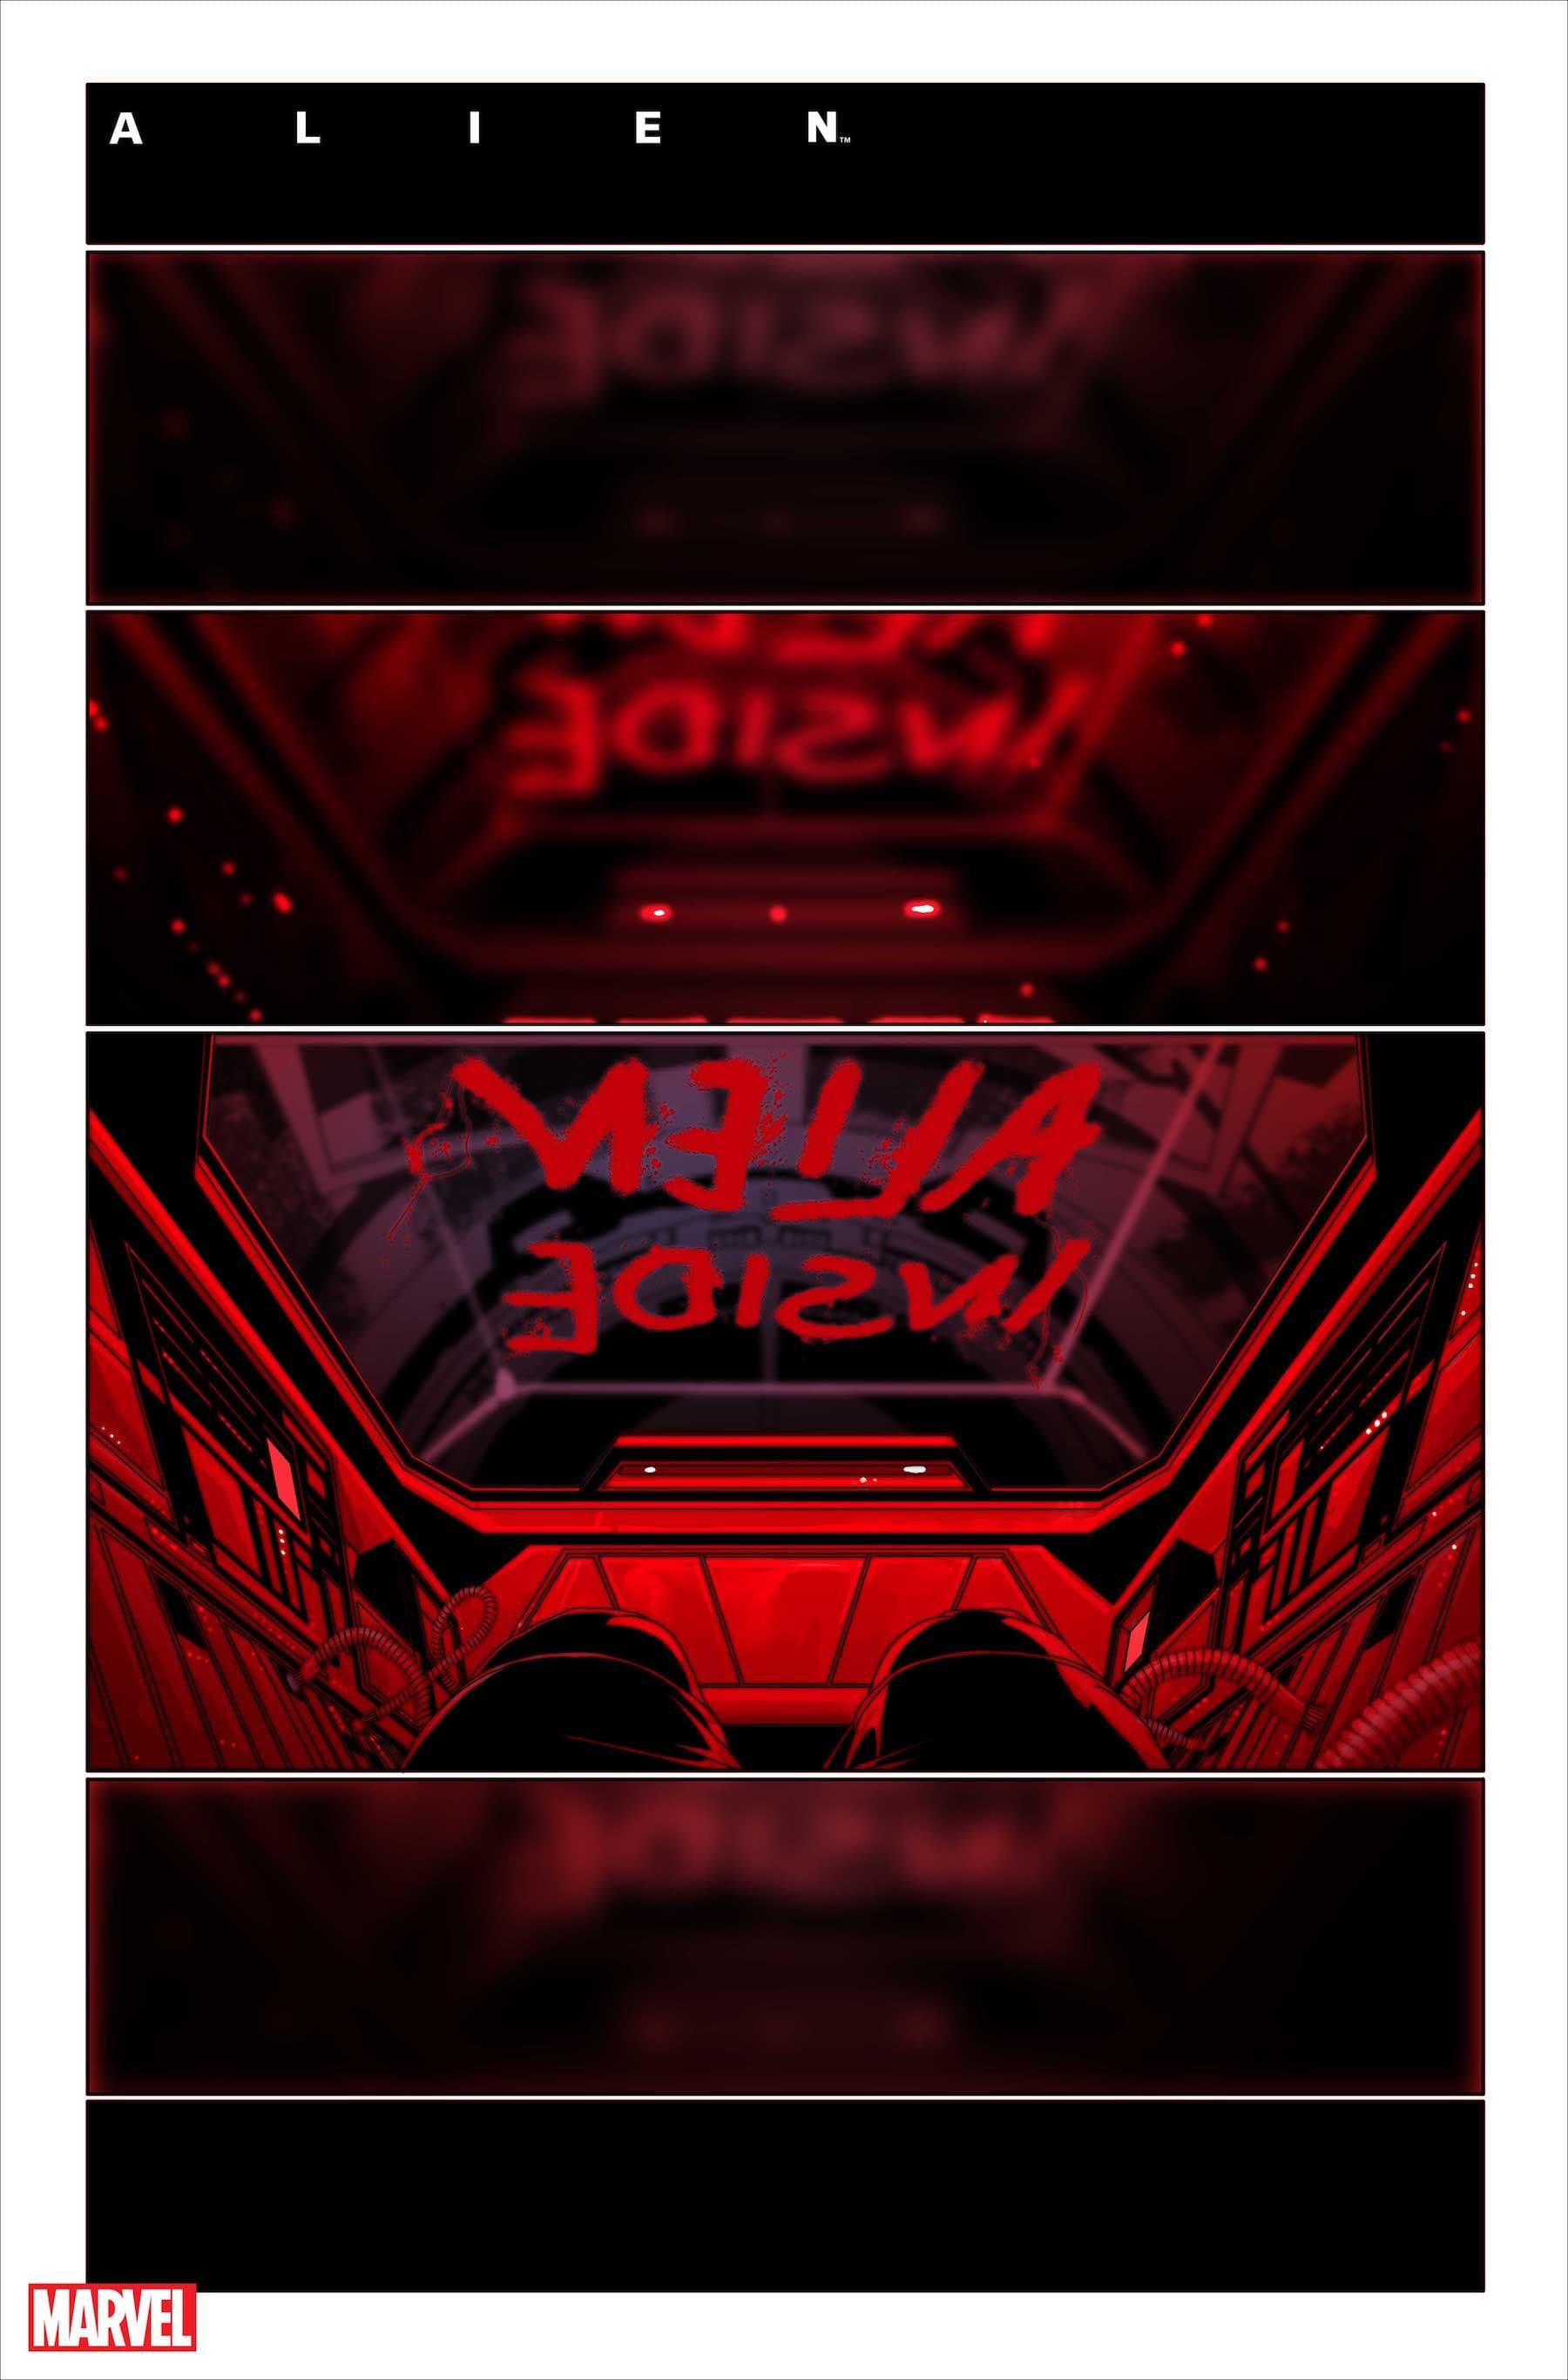 alien2021001001_col.jpg